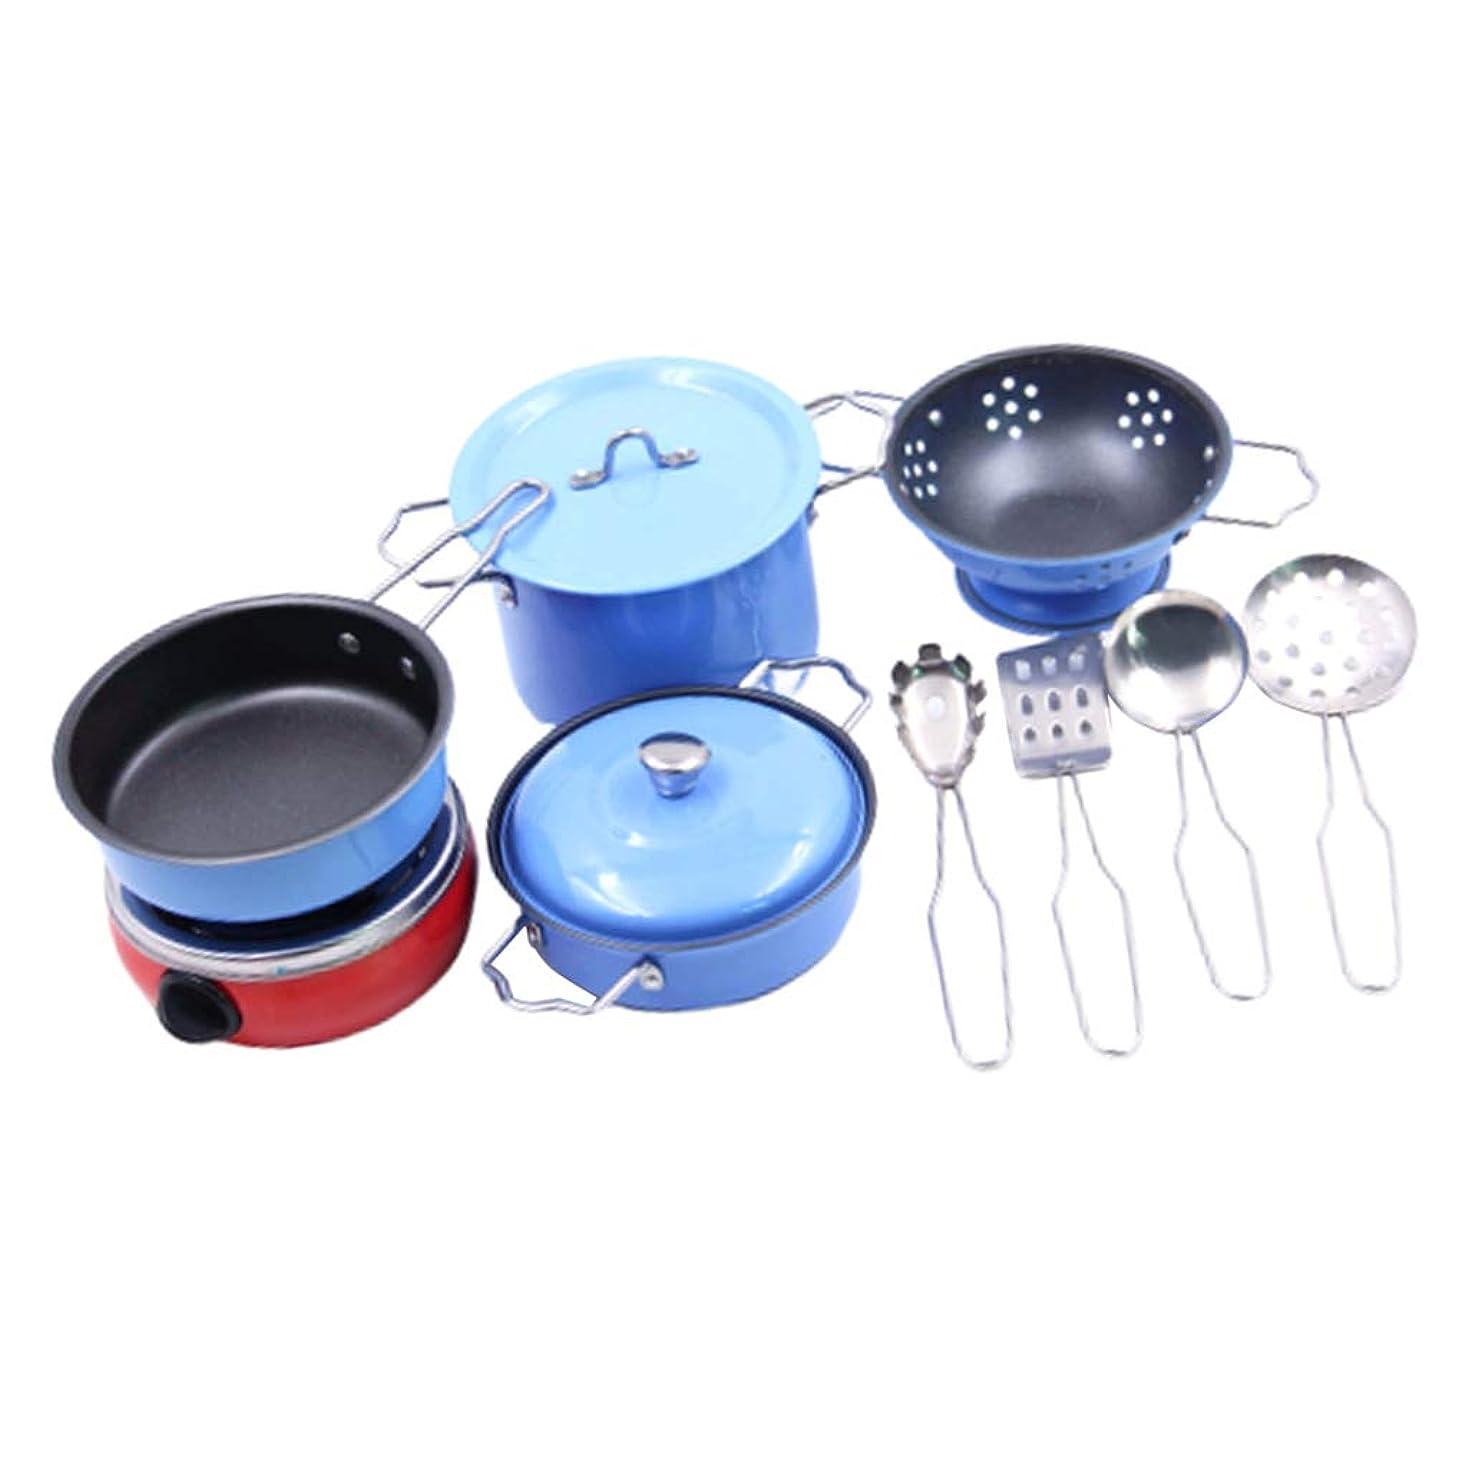 役に立つわざわざ目を覚ますキッチン調理器具セット ステンレス ごっこ遊び おままごとセット 子供おもちゃ 贈り物 11個入